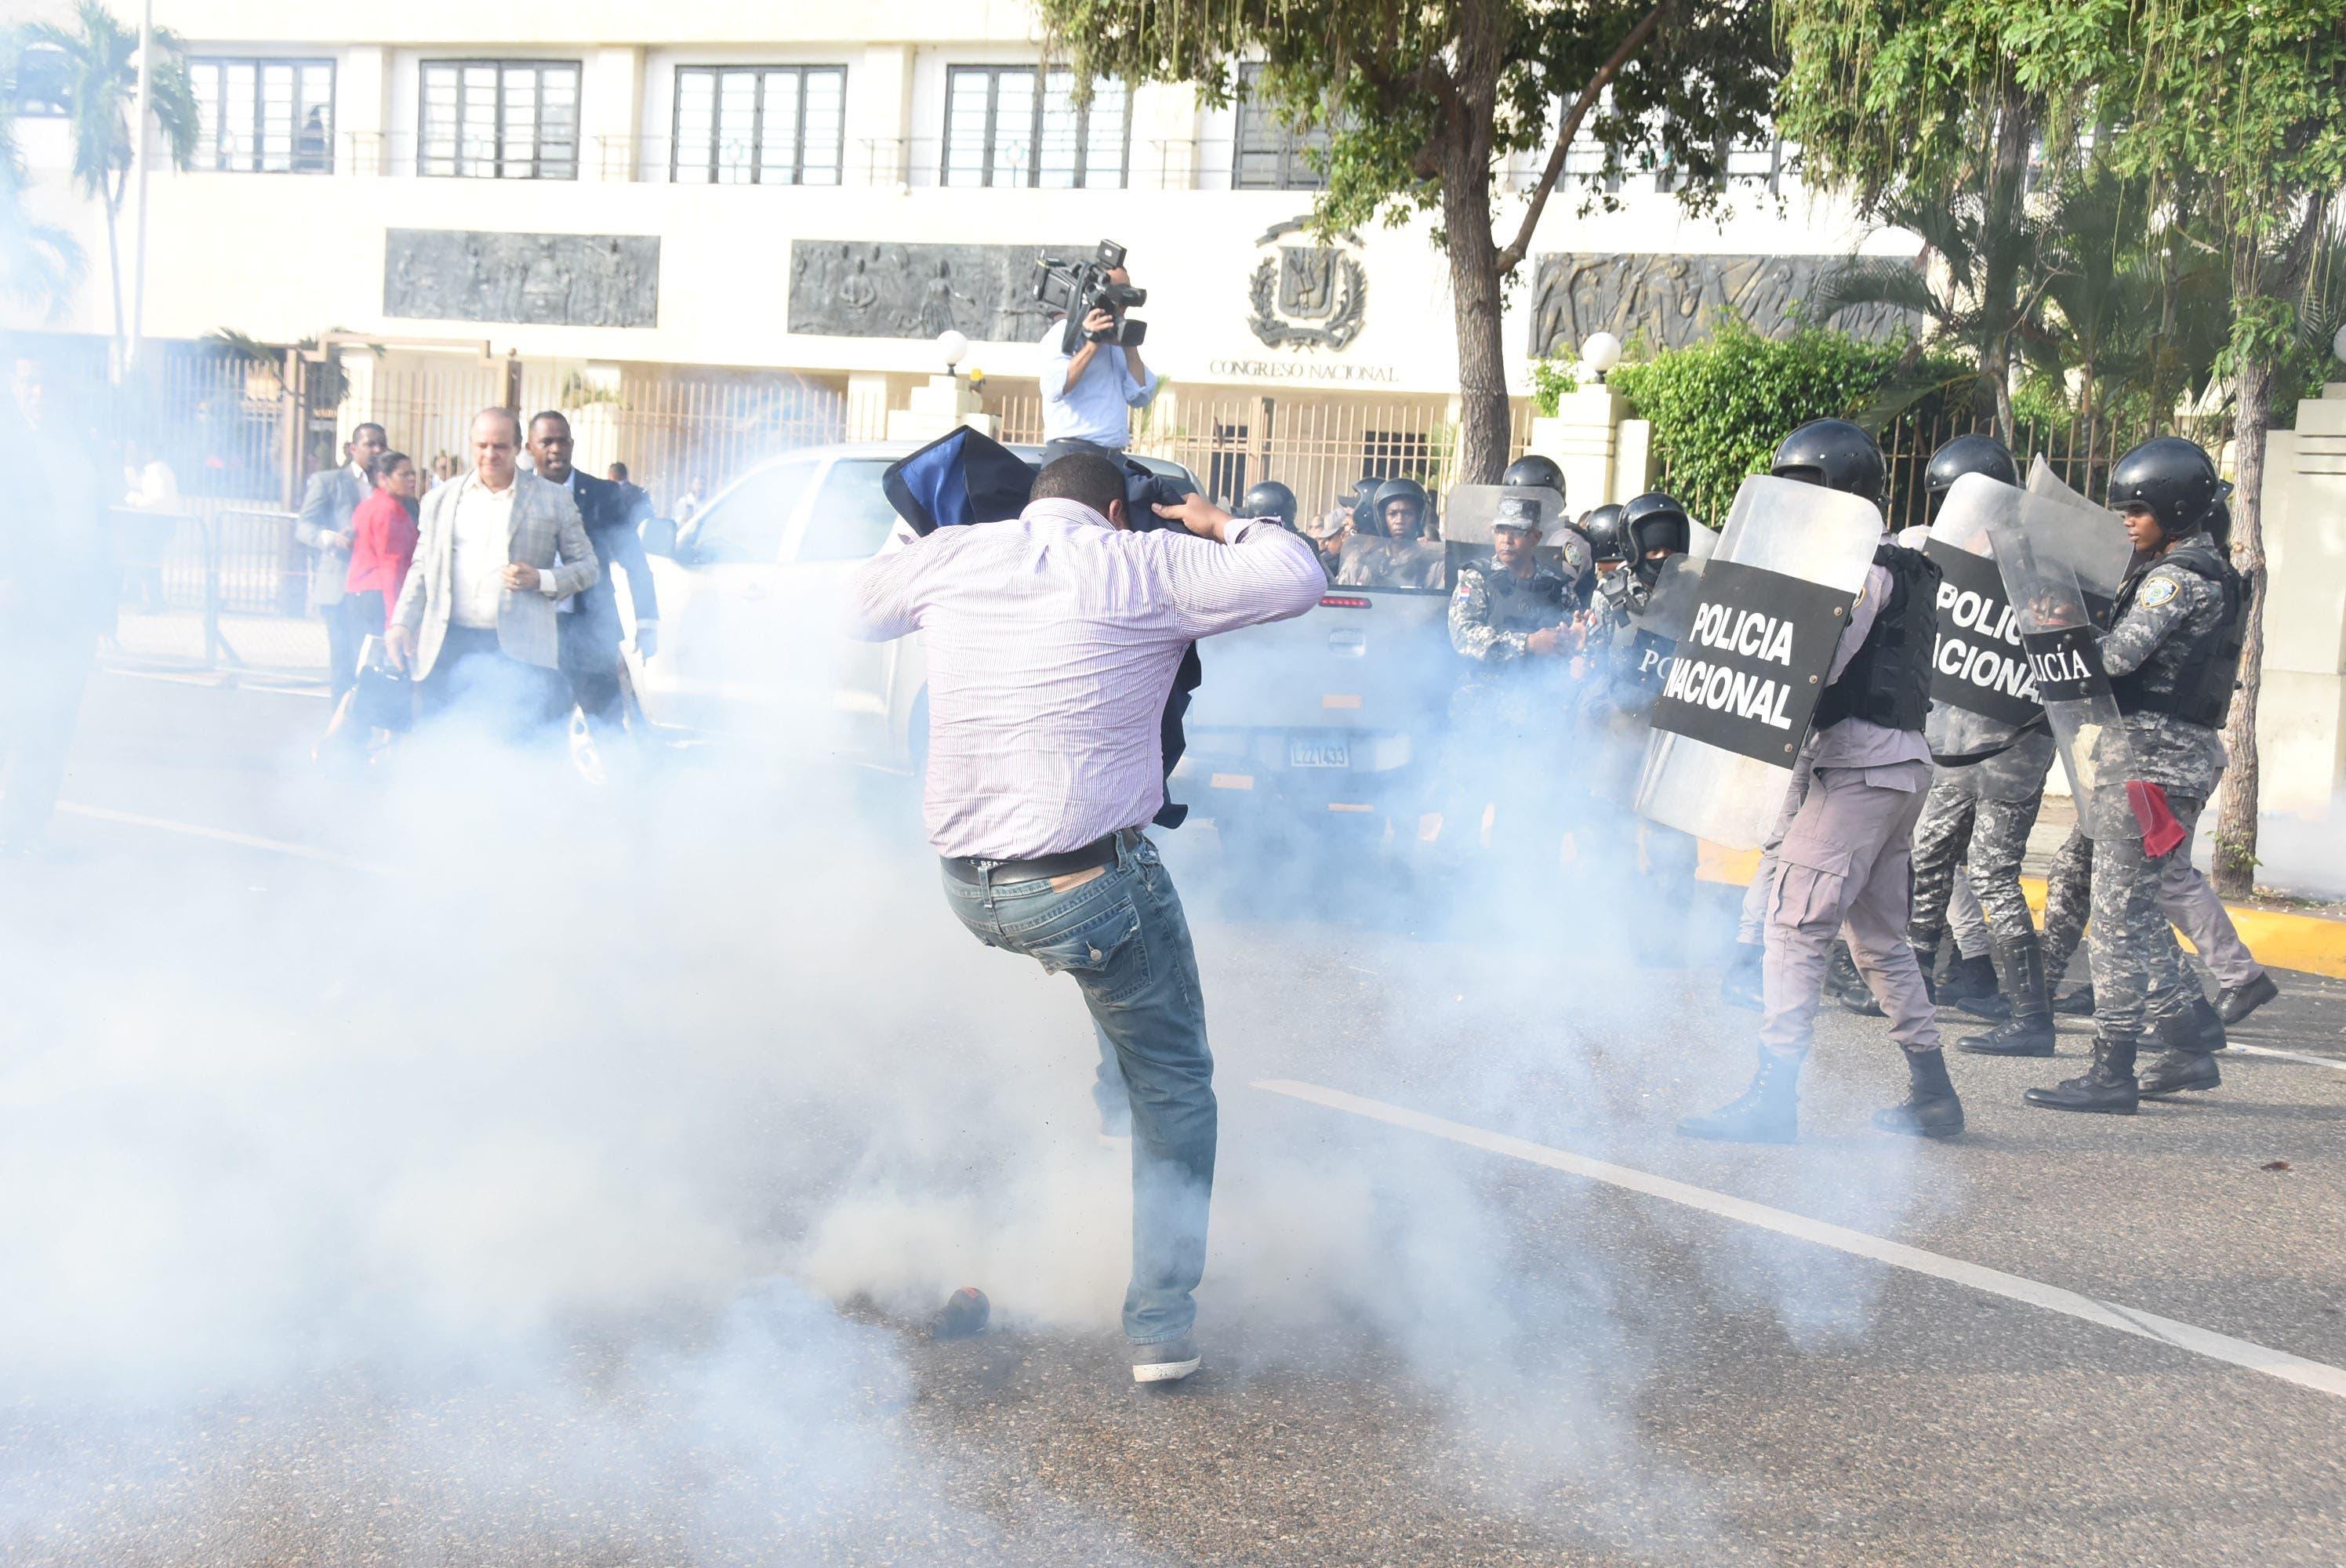 Este lunes la policía arremetió contra manifestantes -incluidos varios diputados leonelistas- que protestaban contra las pretensiones de los danilistas de modificar la Constitución. Foto: Alberto Calvo/El Día.